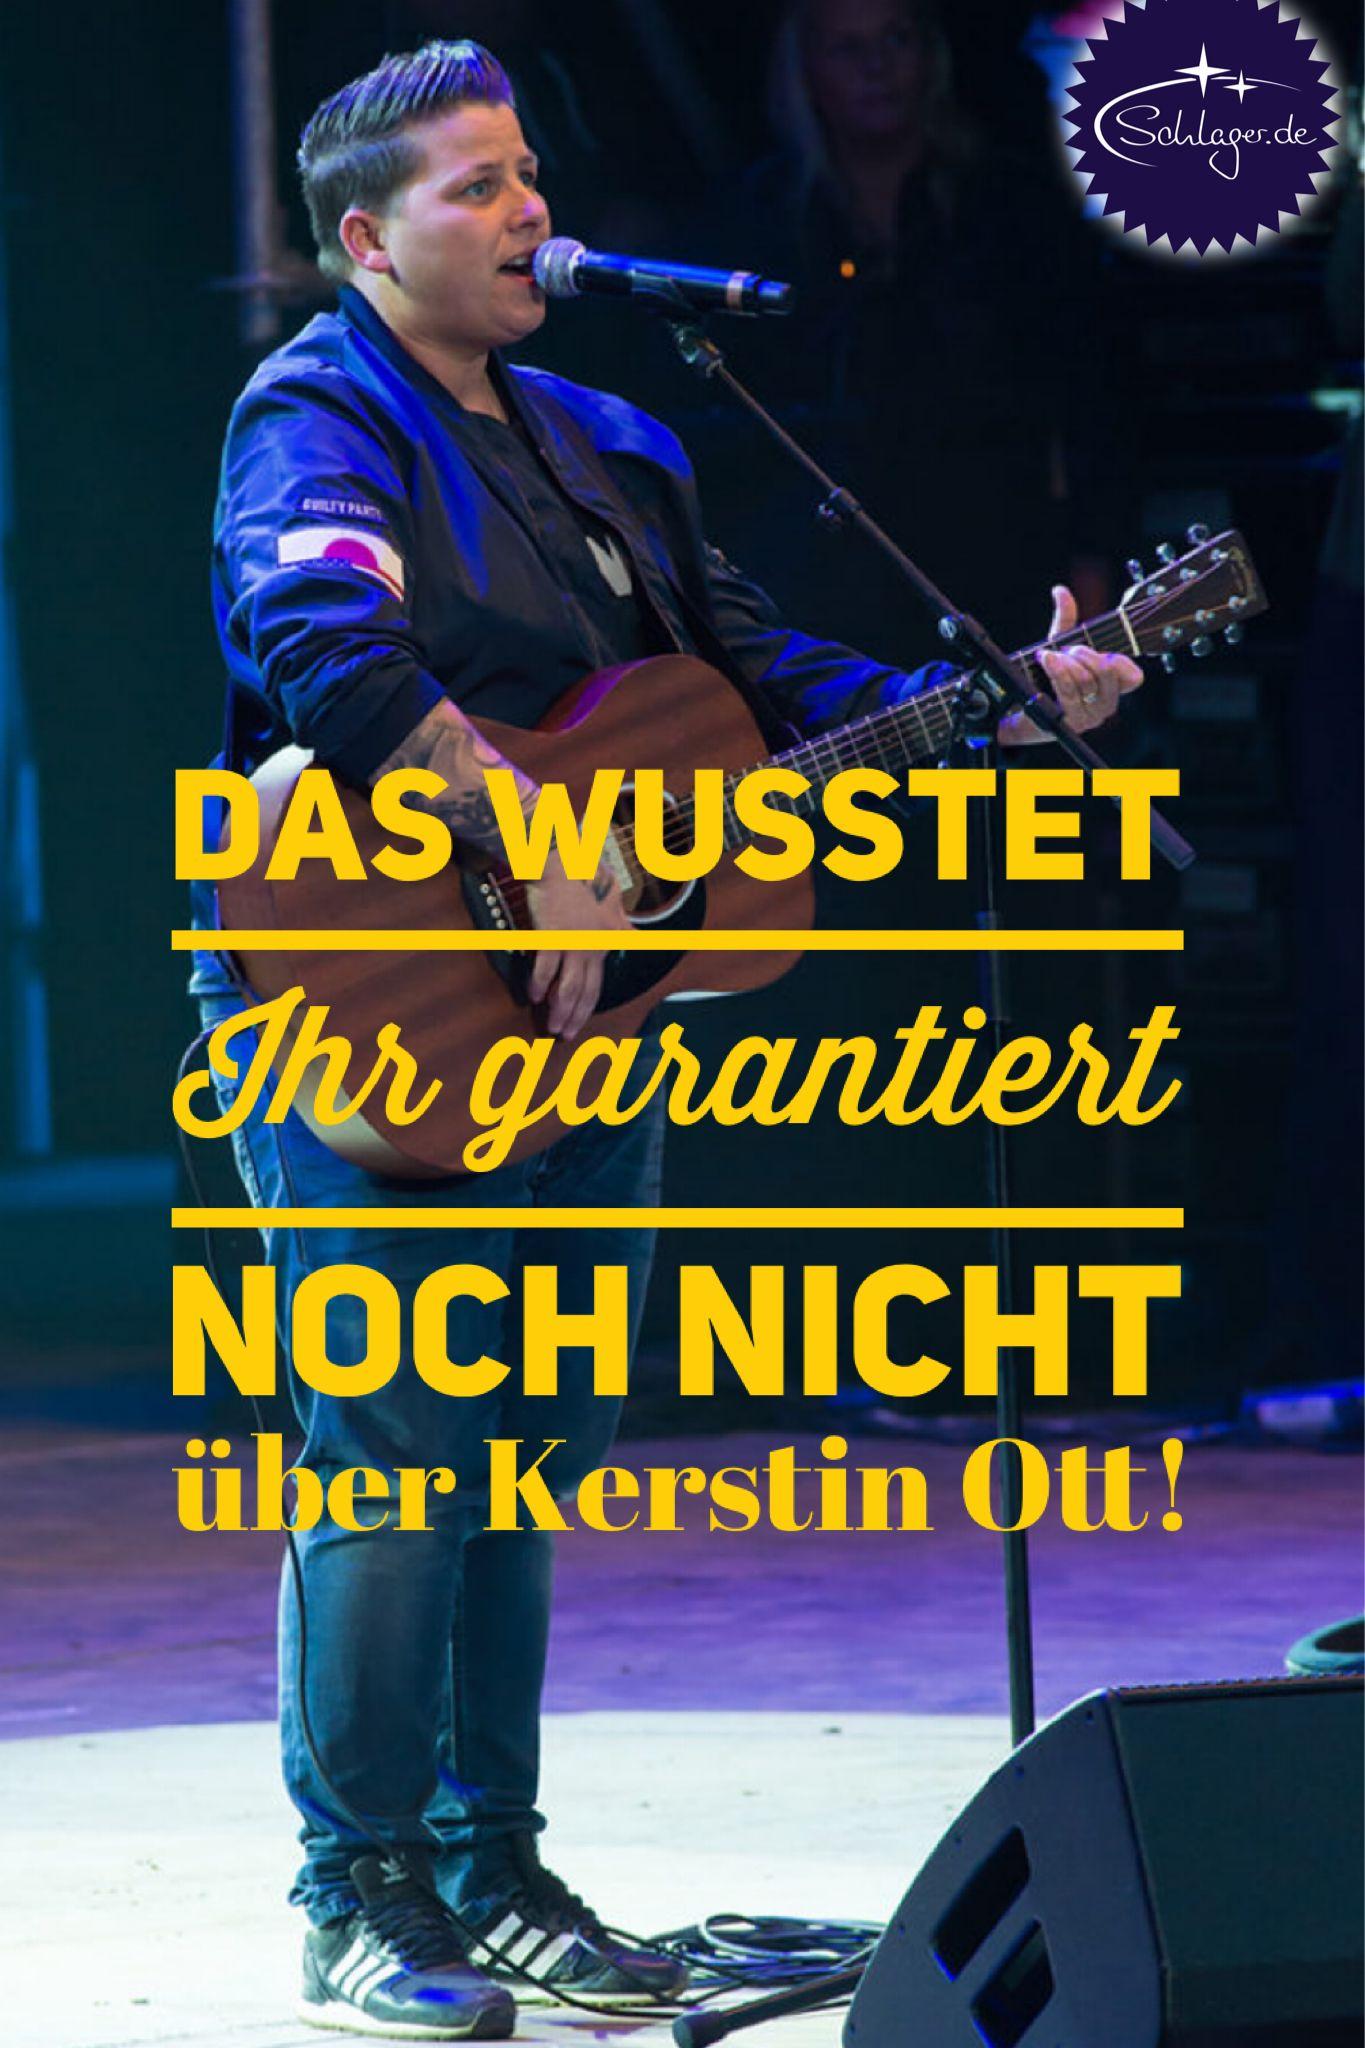 Das Habt Ihr Garantiert Noch Nicht Von Kerstin Ott Gewusst In 2020 Kerstin Ott Kerstin Let S Dance